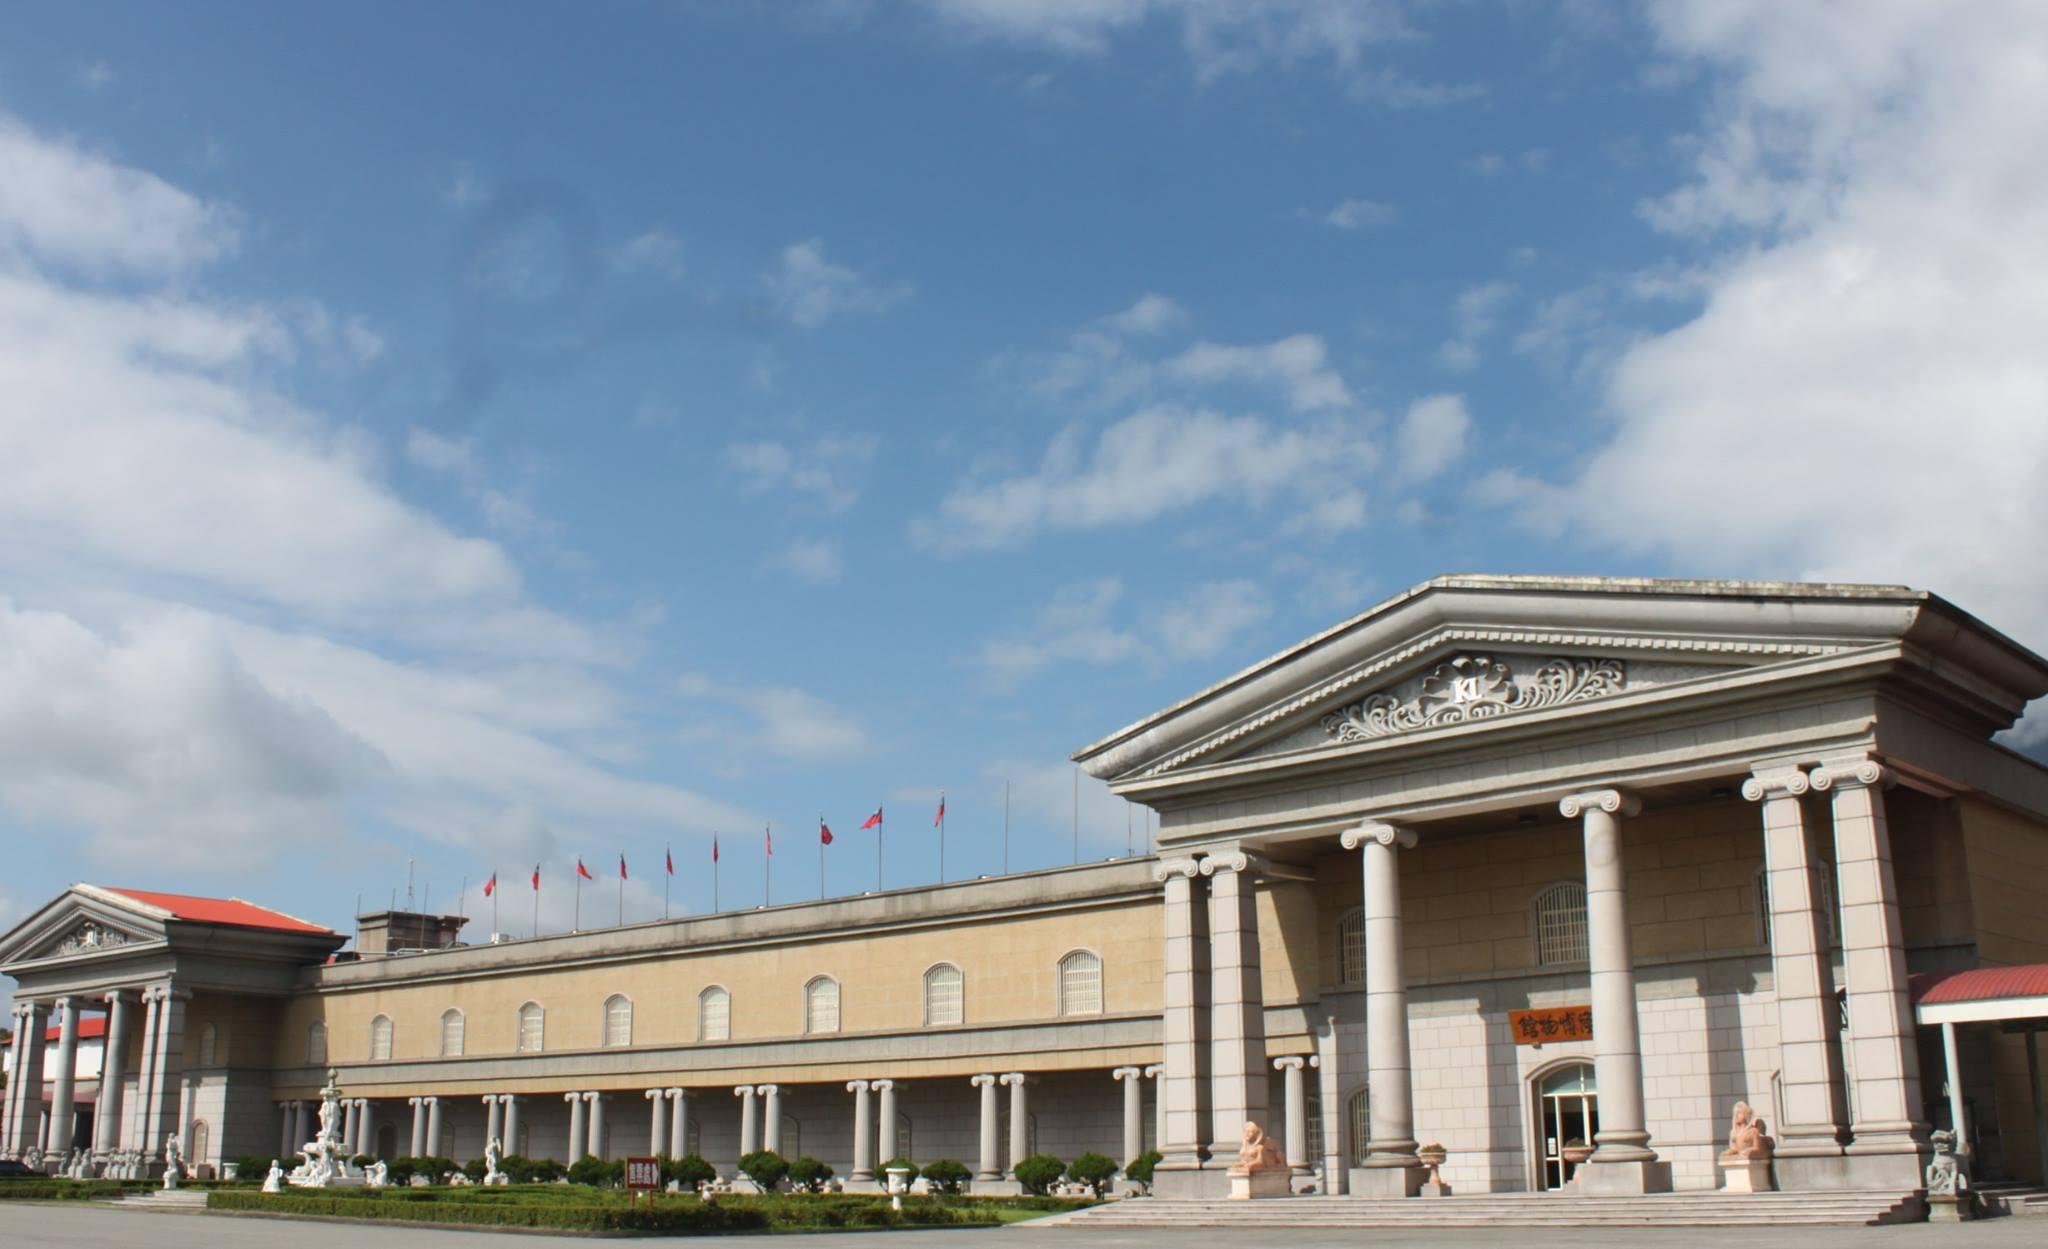 光隆博物館坐落於花蓮新城鄉台9線旁,外觀神似古羅馬時期的萬神殿,既古典又壯麗。圖/光隆博物館臉書粉絲專頁